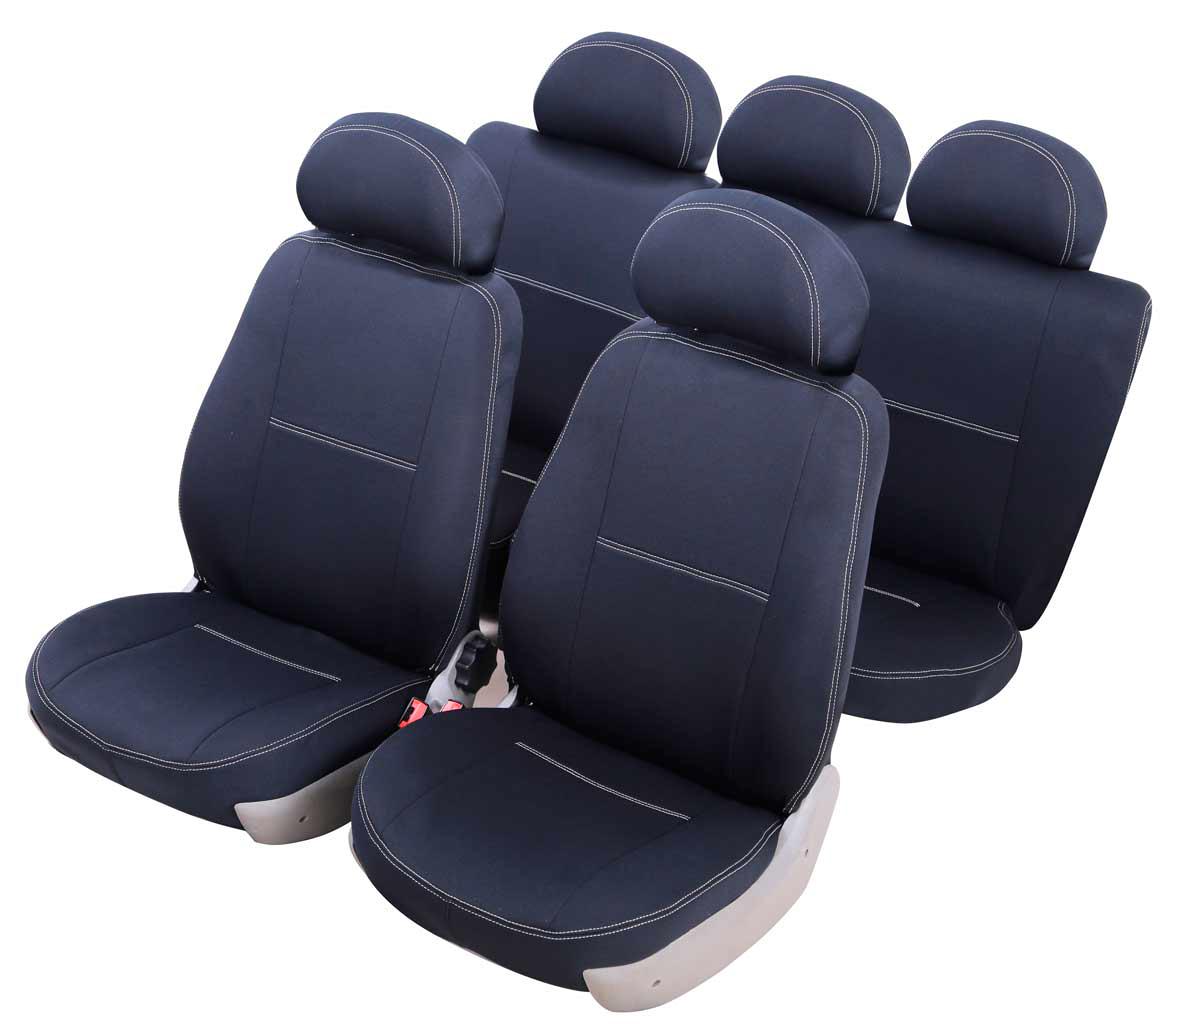 Чехол на автокресло Azard Standard, для Datsun On-Do (2014-н.в.), седан, слитный задний рядA4010271Модельные чехлы из полиэстера Azard Standard. Разработаны в РФ индивидуально для каждого автомобиля. Чехлы Azard Standard серийно выпускаются на собственном швейном производстве в России. Чехлы идеально повторяют штатную форму сидений и выглядят как оригинальная обивка сидений. Для простоты установки используется липучка Velcro, учтены все технологические отверстия. Чехлы сохраняют полную функциональность салона – трасформация сидений, возможность установки детских кресел ISOFIX, не препятствуют работе подушек безопасности AIRBAG и подогрева сидений. Дизайн чехлов Azard Standard приближен к оригинальной обивке салона. Декоративная контрастная прострочка по периметру авточехлов придает стильный и изысканный внешний вид интерьеру автомобиля. Чехлы Azard Standard изготовлены из полиэстера, триплированного огнеупорным поролоном толщиной 3 мм, за счет чего чехол приобретает дополнительную мягкость. Подложка из спандбонда сохраняет свойства поролона и предотвращает его разрушение....